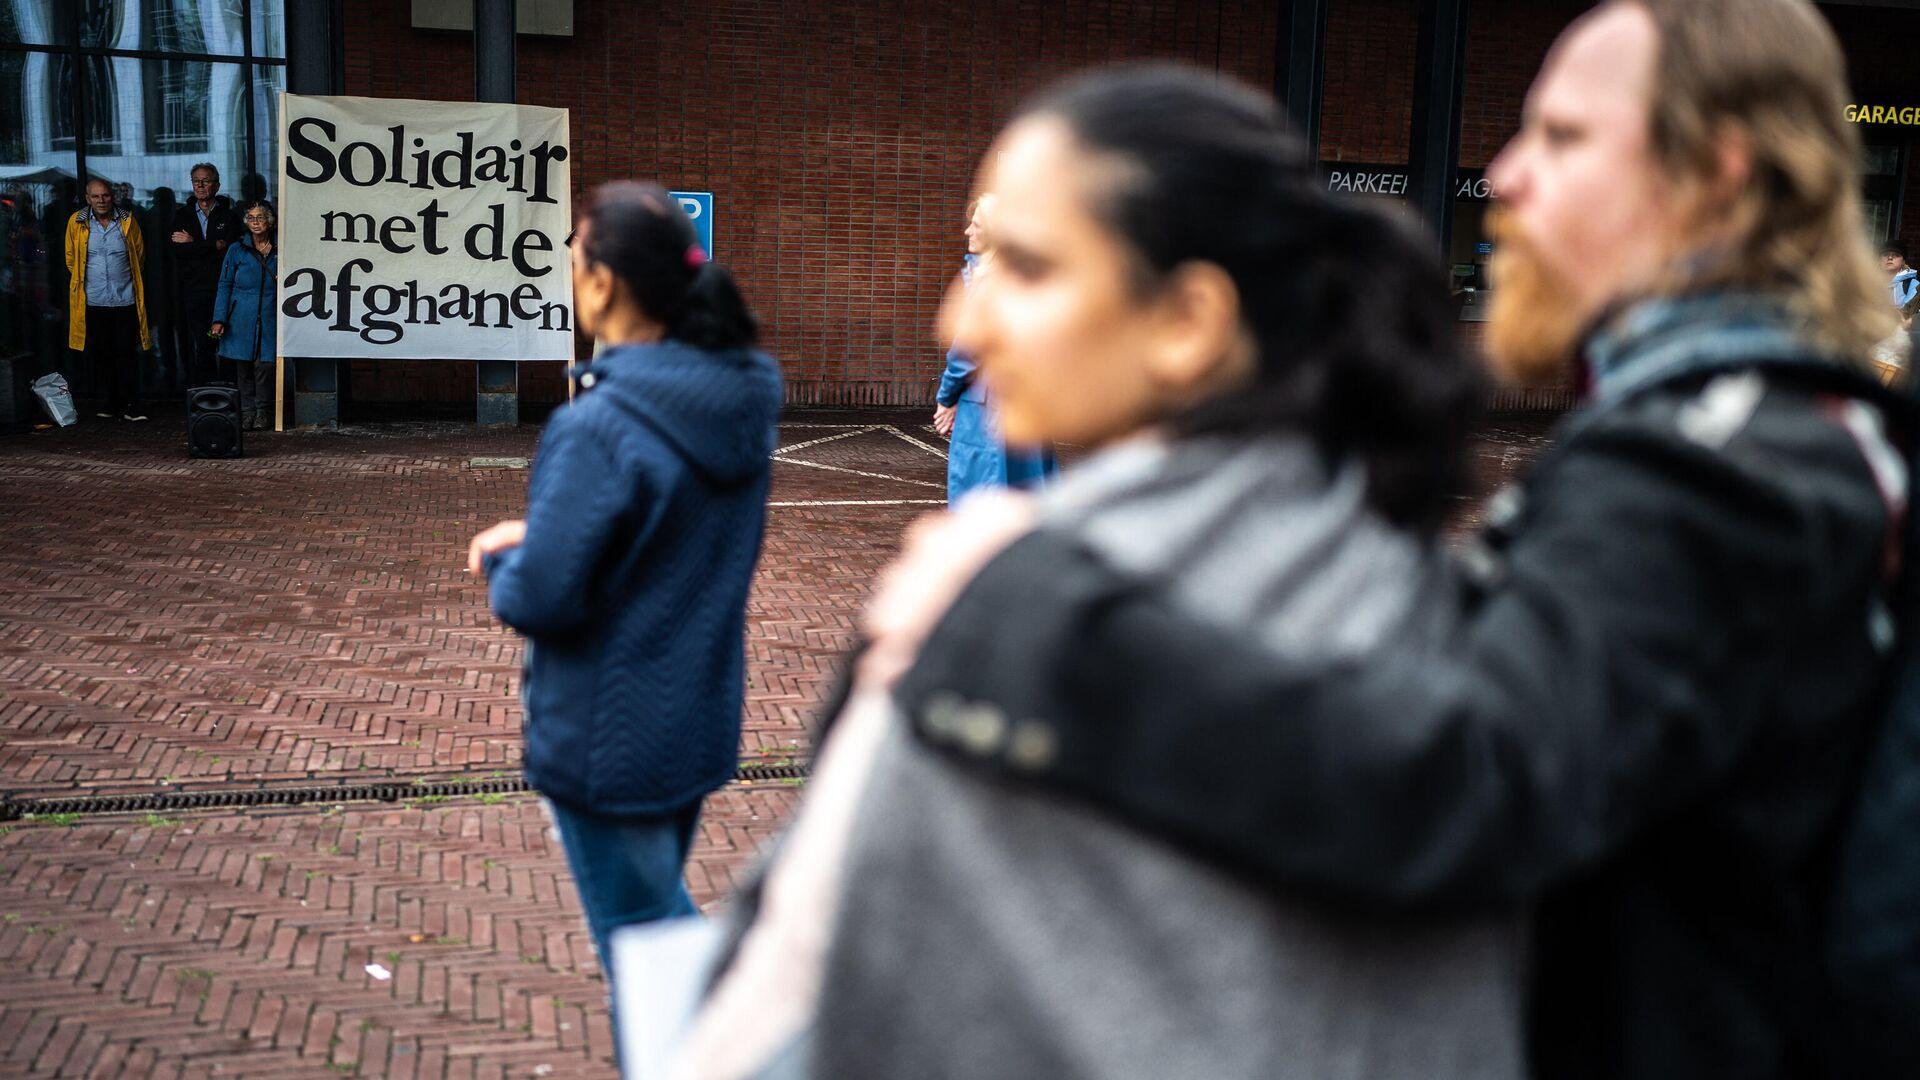 Hollanda'da Afganistan protestosu - Sputnik Türkiye, 1920, 26.08.2021